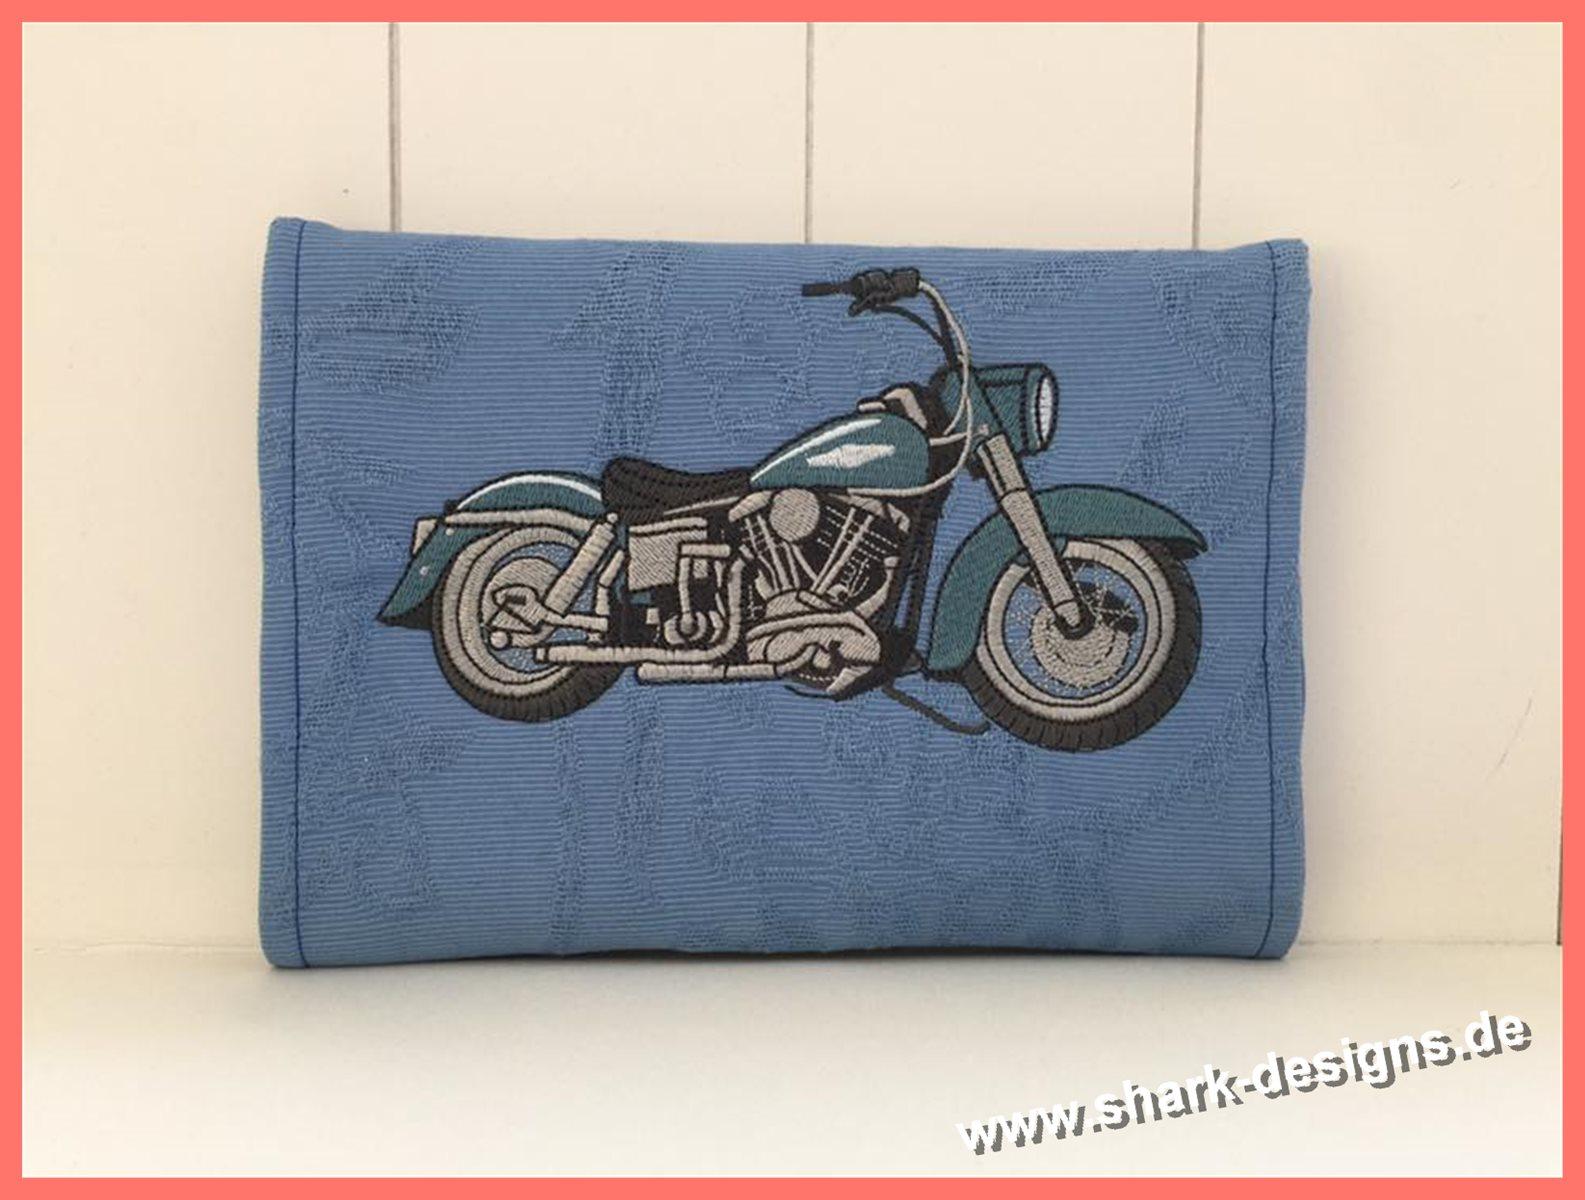 Bike 2, ein norstalgisches Motorrad der Marke Harley Davidson